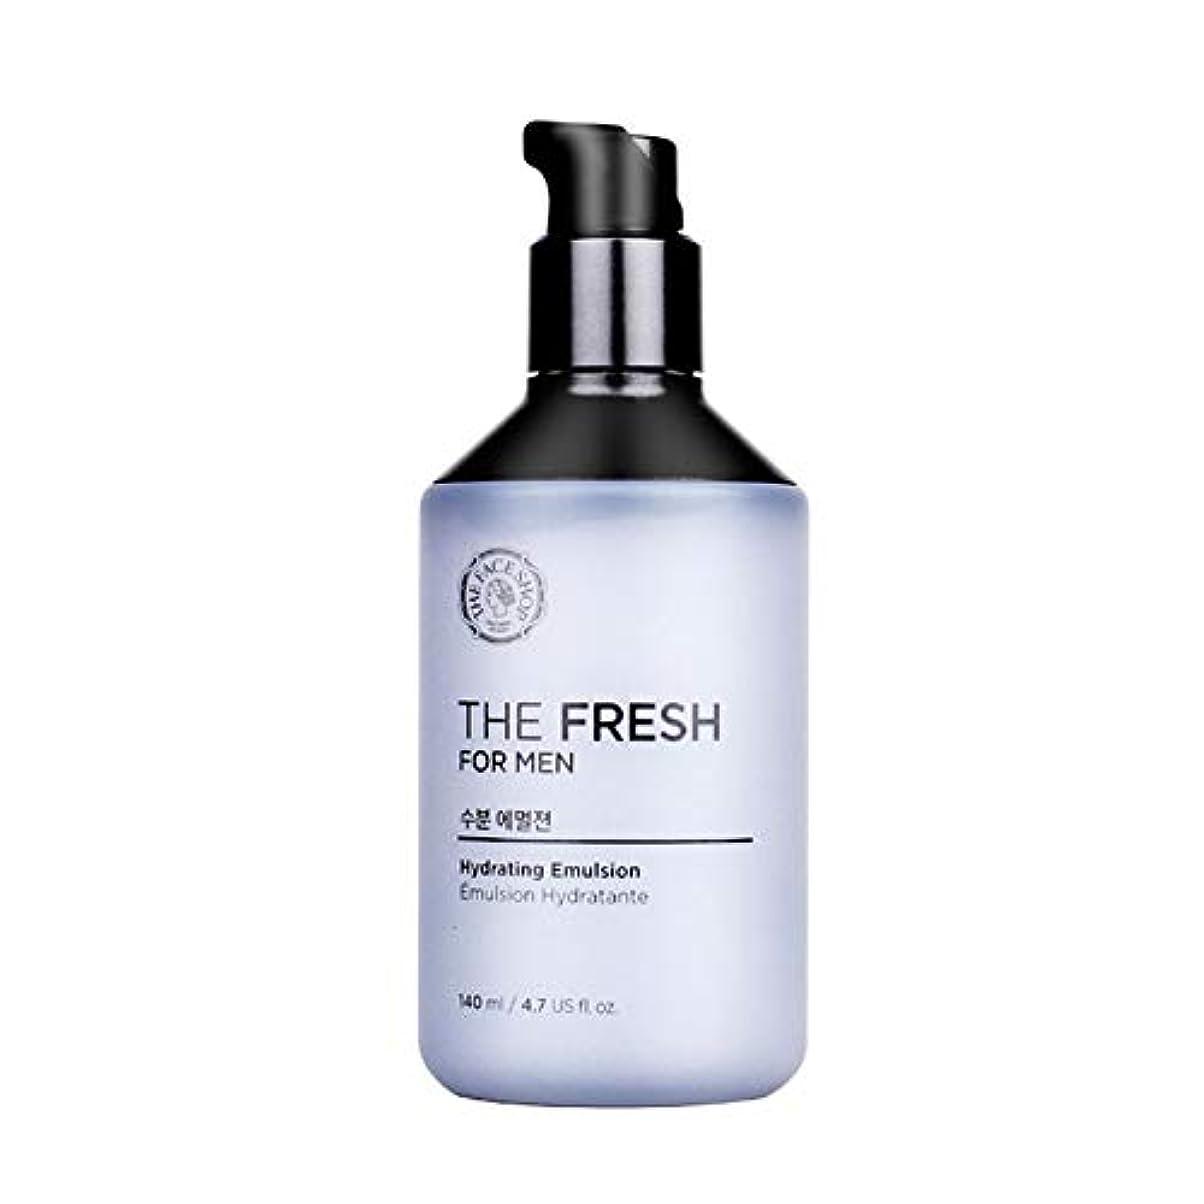 マルクス主義習熟度バーベキューザ?フェイスショップザ?フレッシュフォーマン水分エマルジョン140mlメンズコスメ、The Face Shop The Fresh For Men Hydrating Emulsion 140ml Men's Cosmetics...